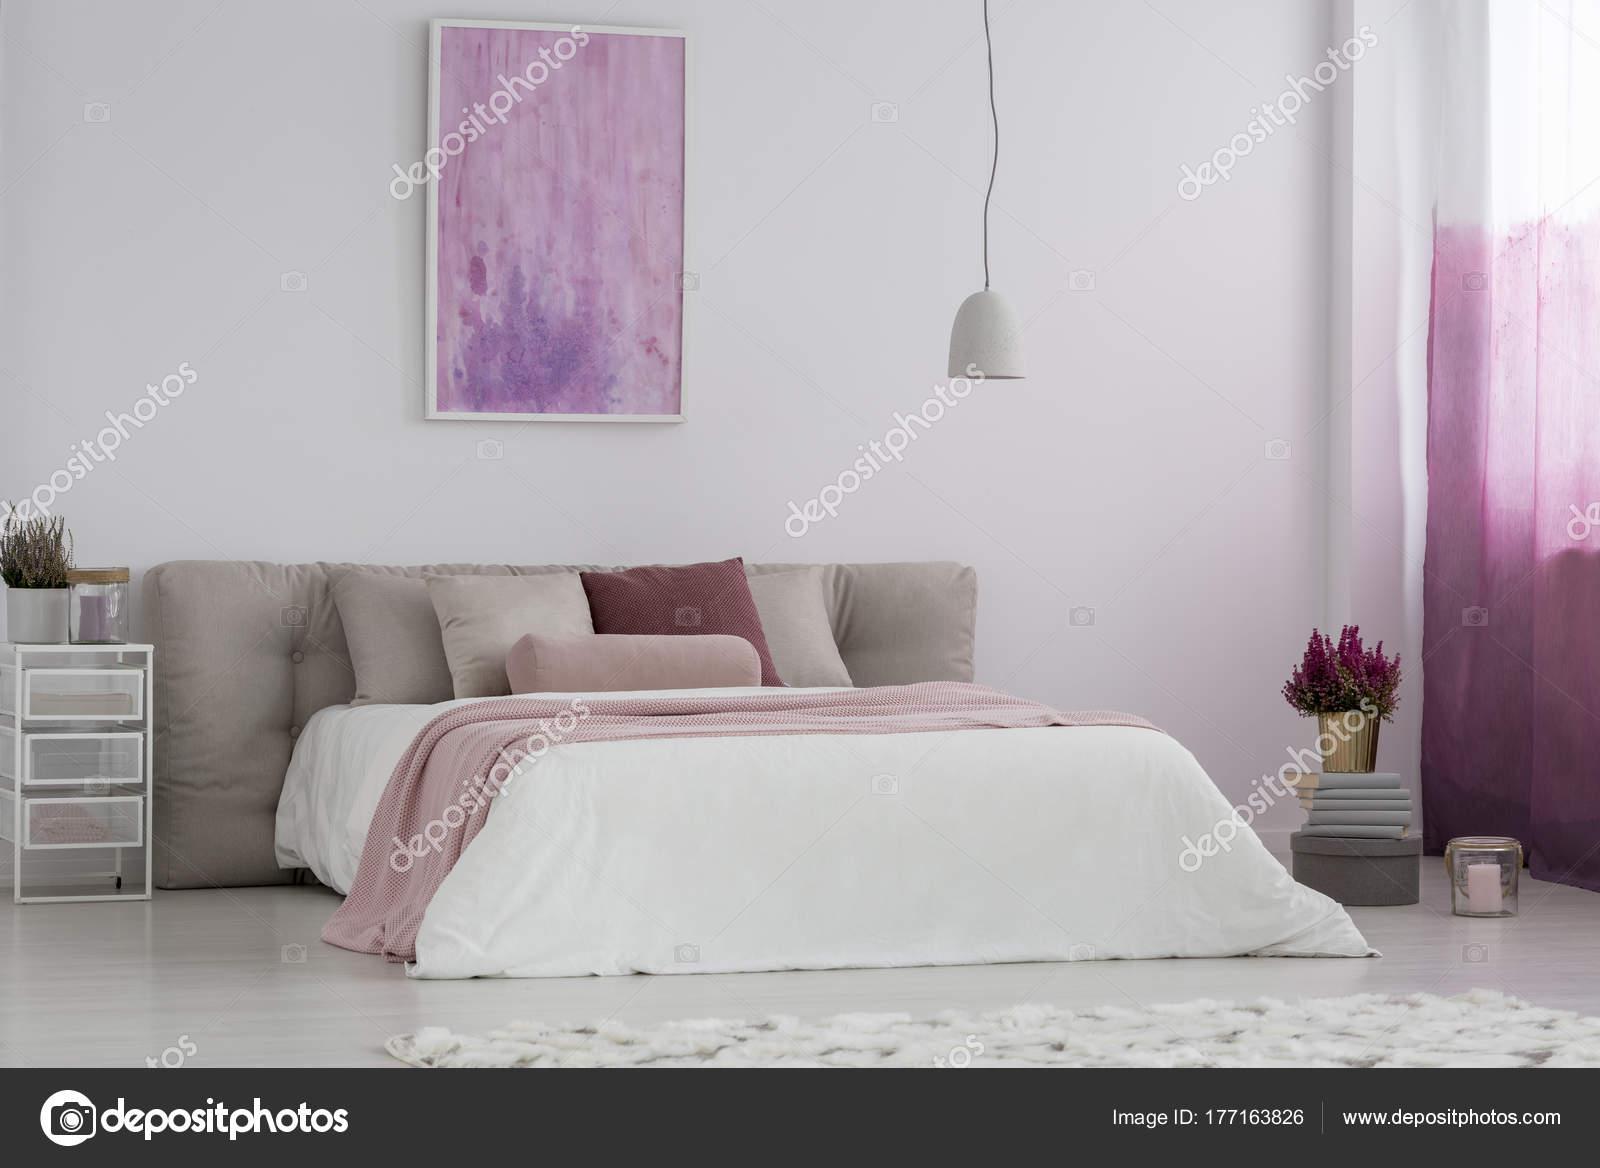 Roze Slaapkamer Lamp : Girl s slaapkamer met roze schilderij u stockfoto photographee